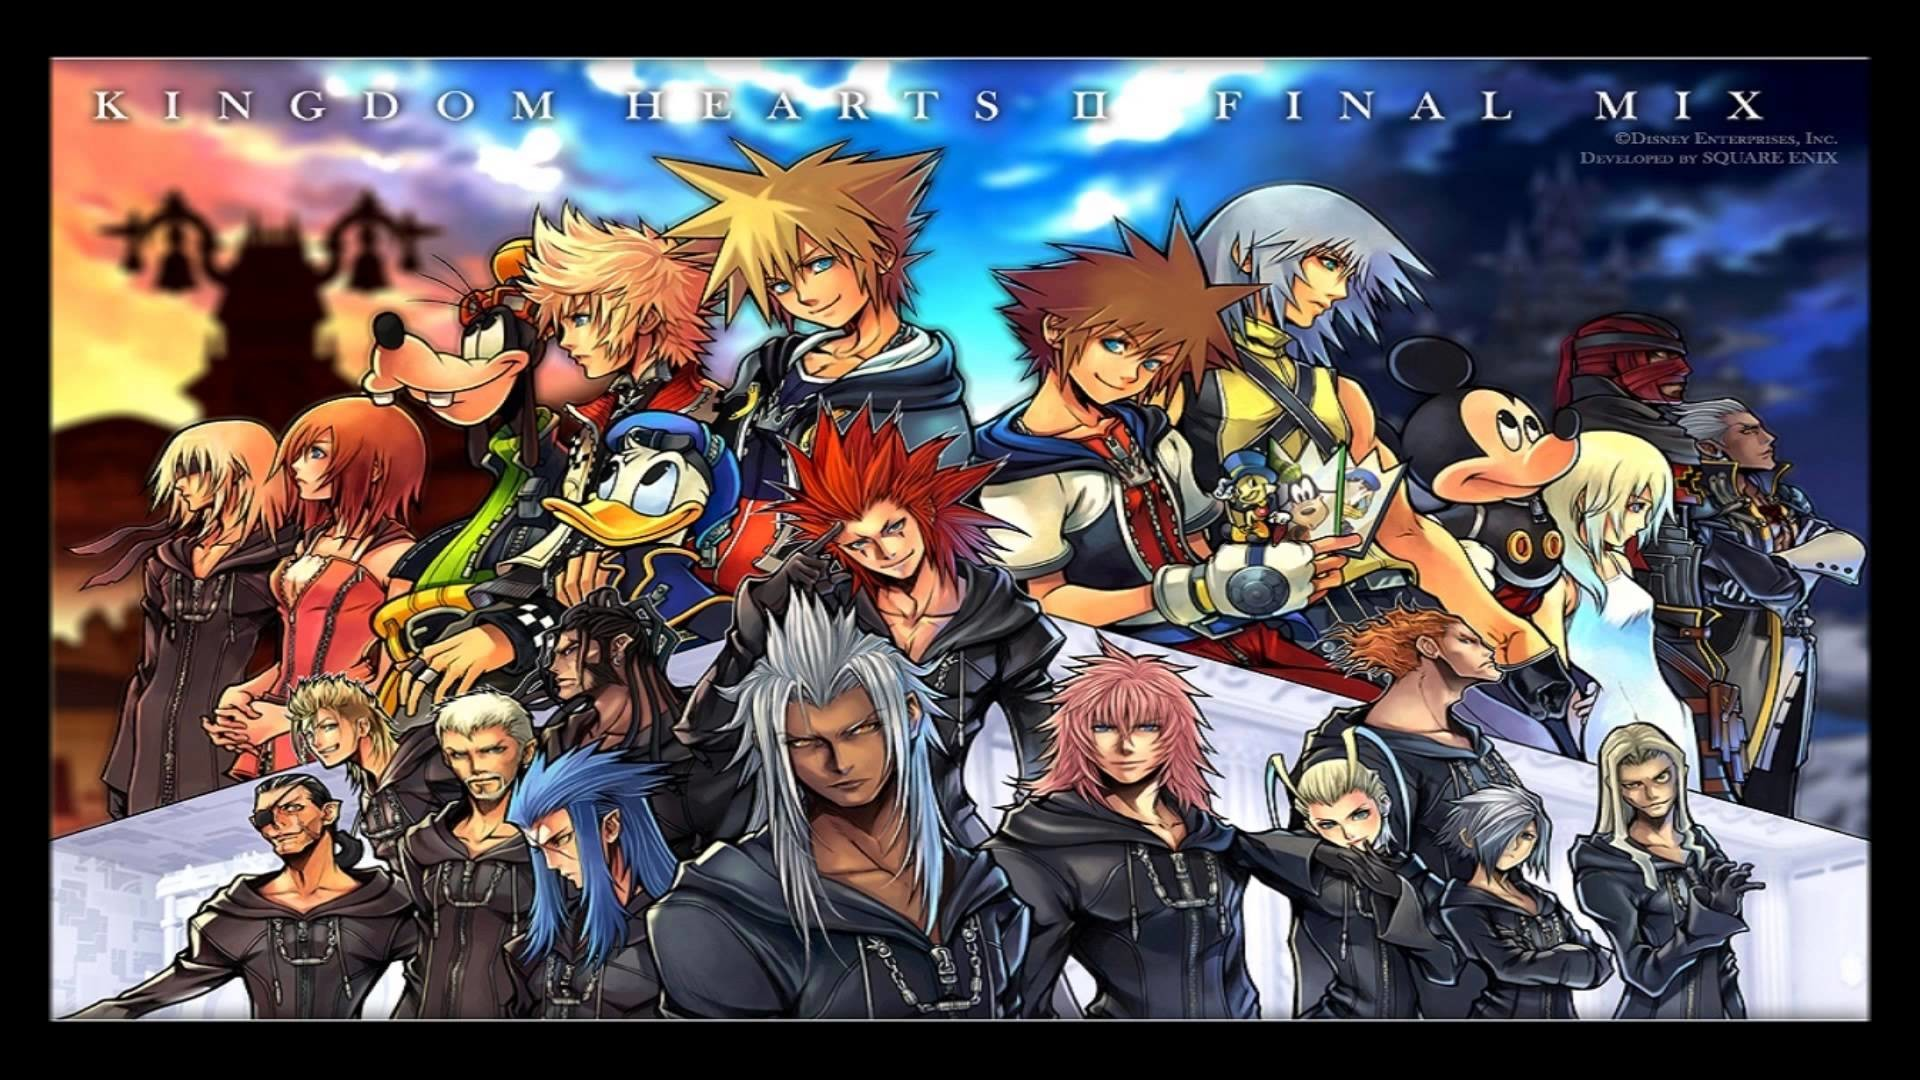 Kingdom Hearts 2 Final Mix Wallpaper Wallpapertag